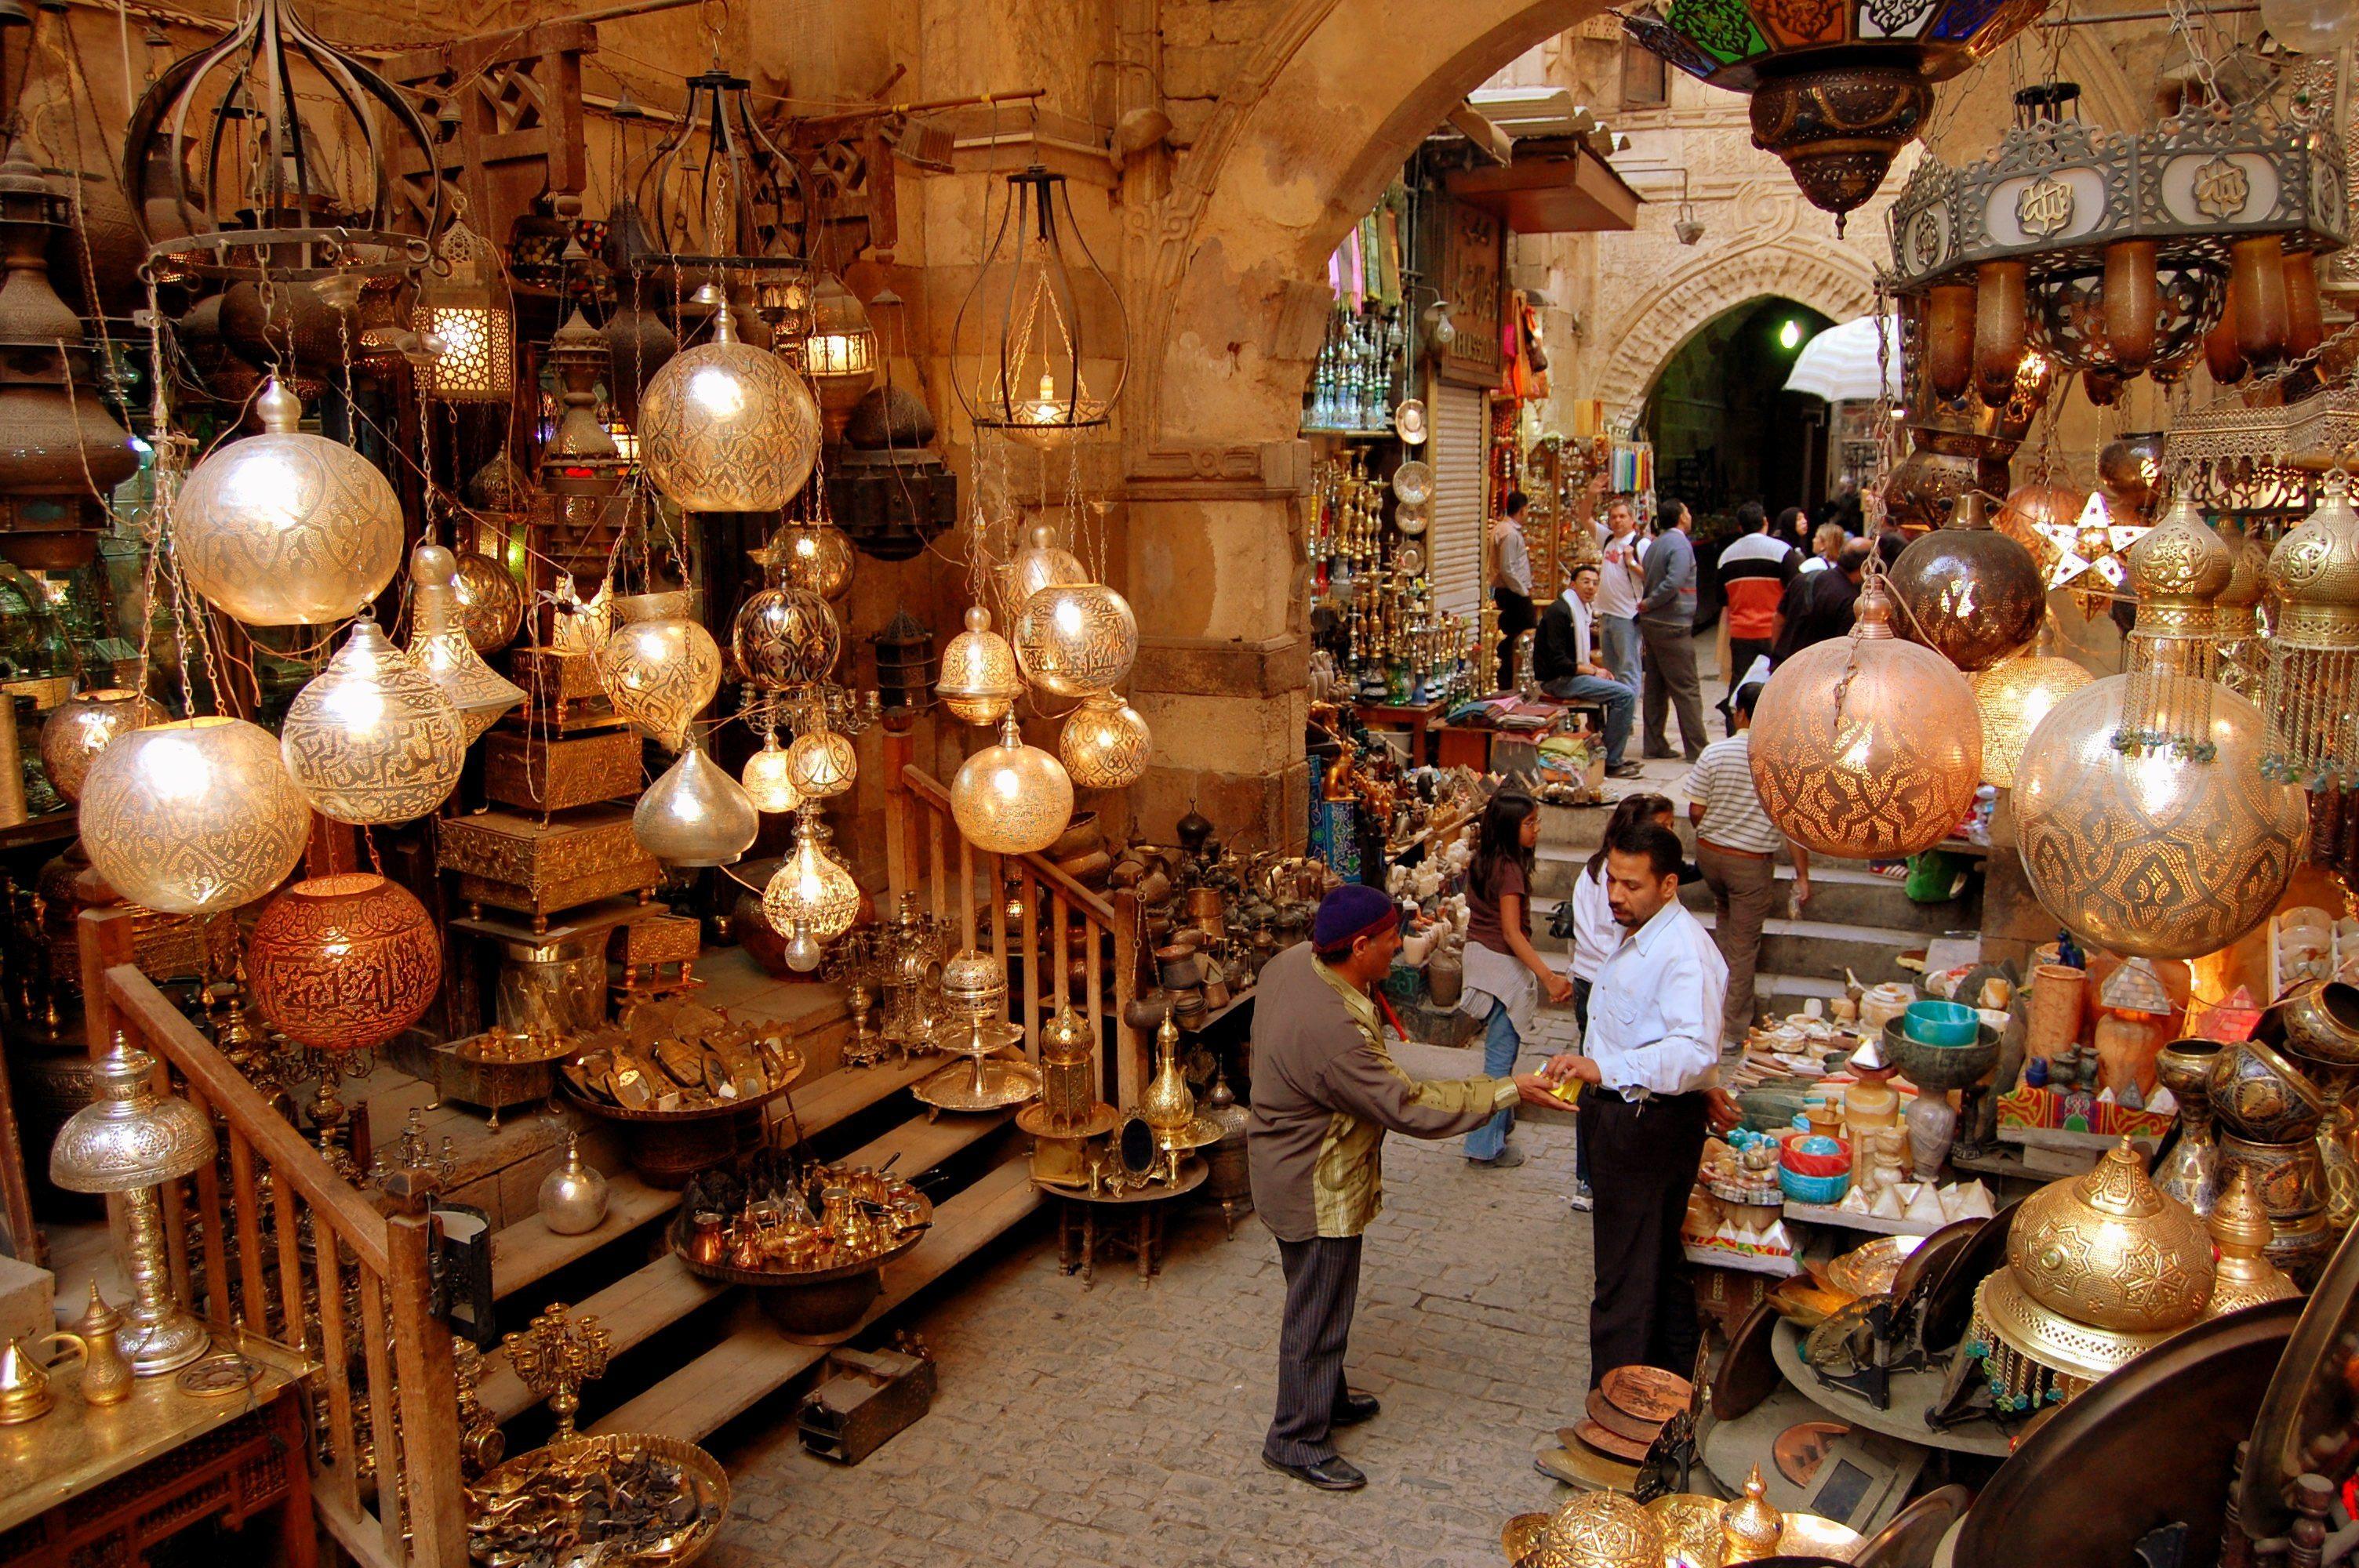 متعه التسوق والسياحة فى خان الخليلى  مصر | السياحة فى خان الخليلى